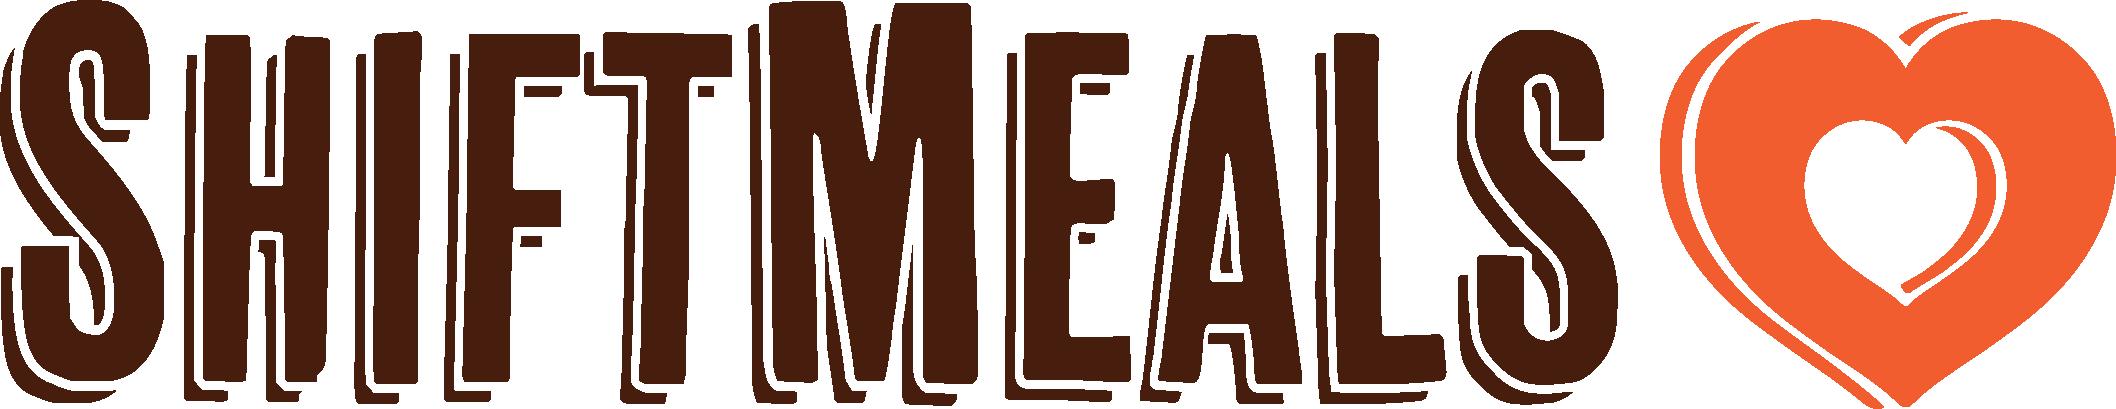 Shift Meals